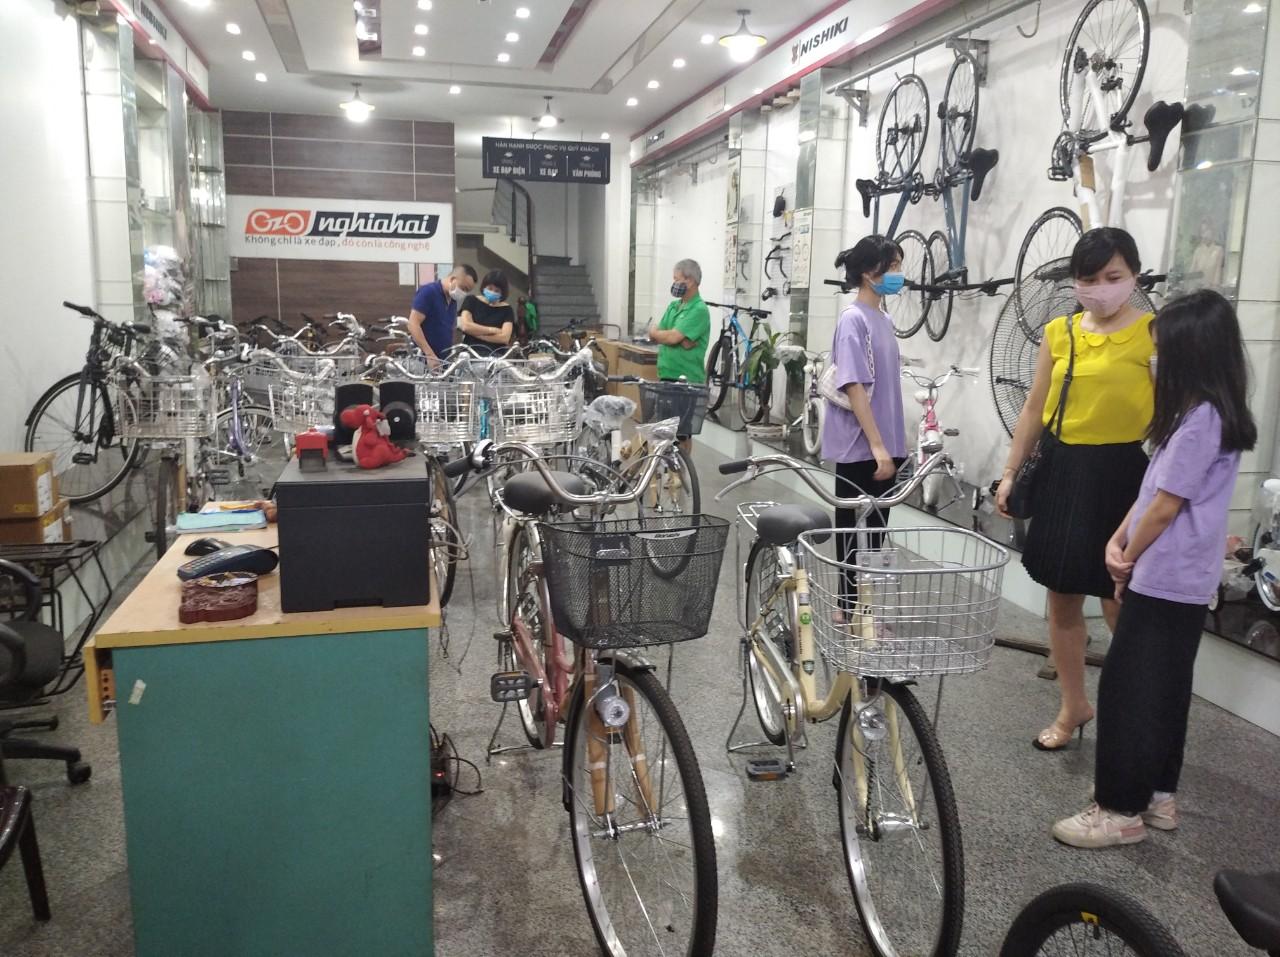 Nhờ dịch bệnh mỗi ngày bán hơn 200 chiếc xe đạpNhờ dịch bệnh mỗi ngày bán hơn 200 chiếc xe đạp